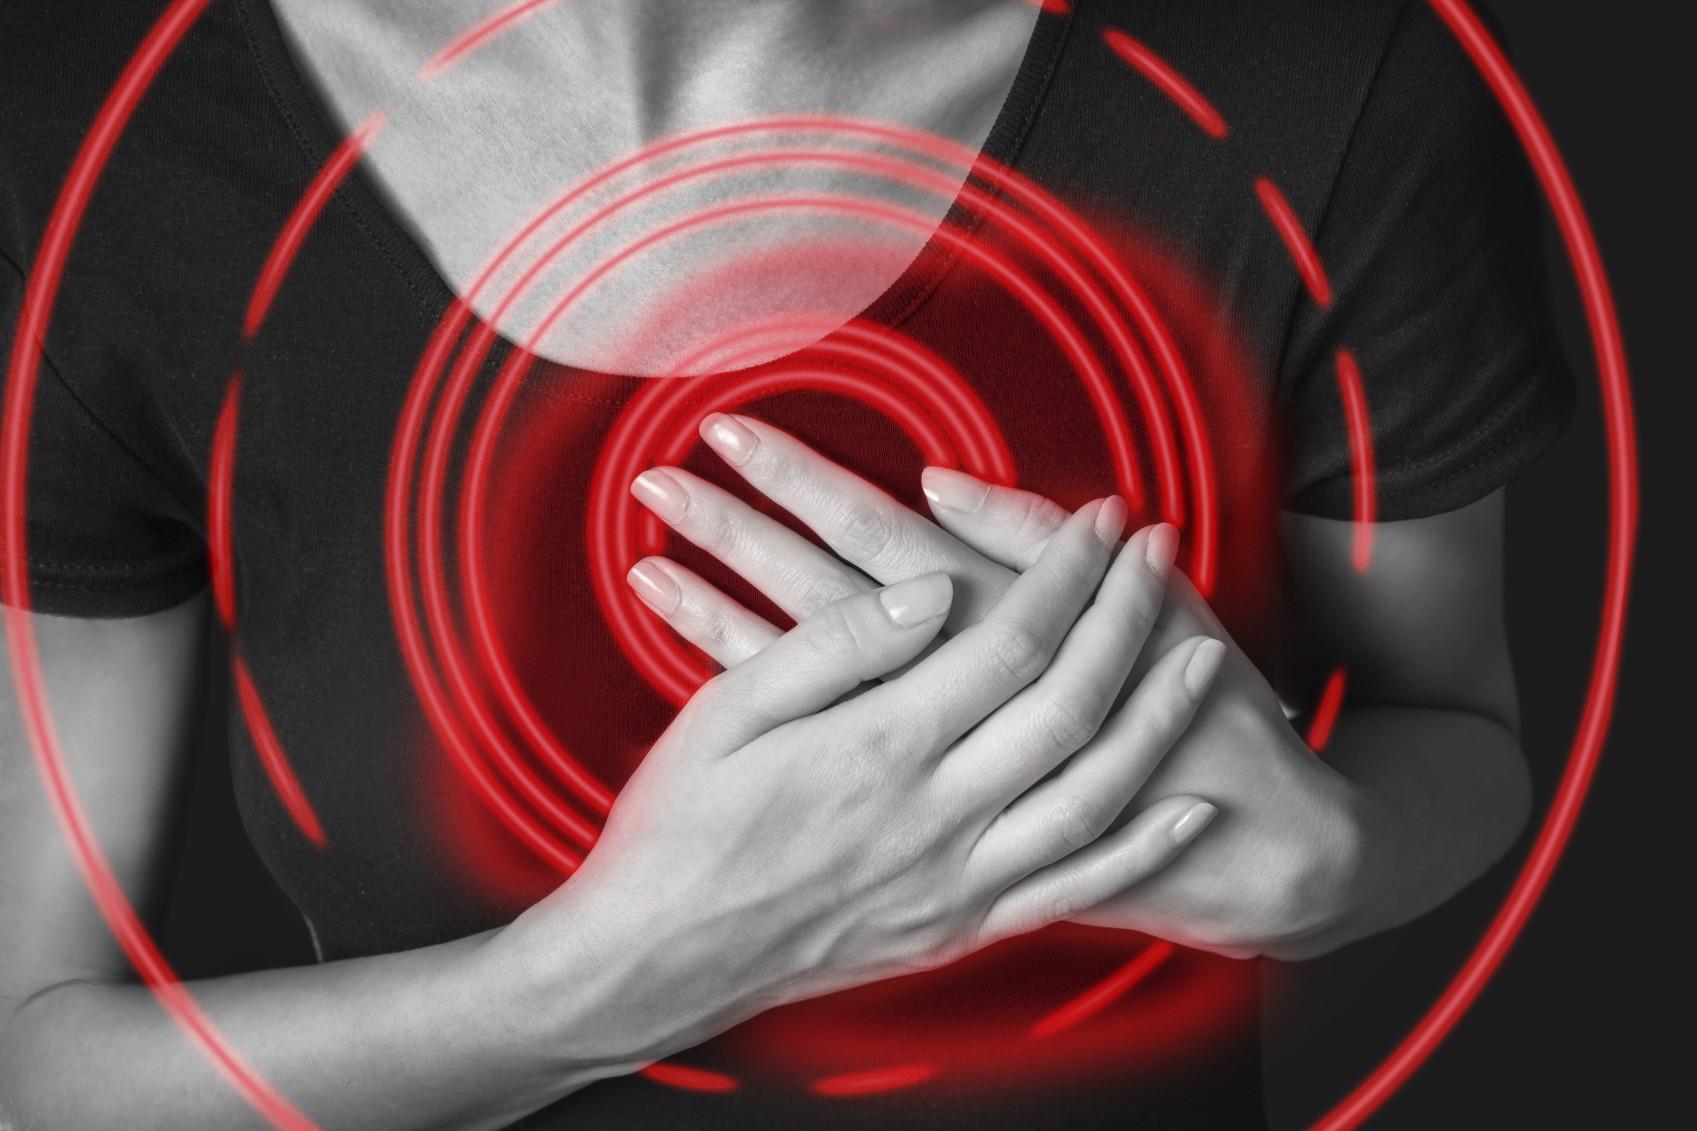 heart-attack-gender-gap